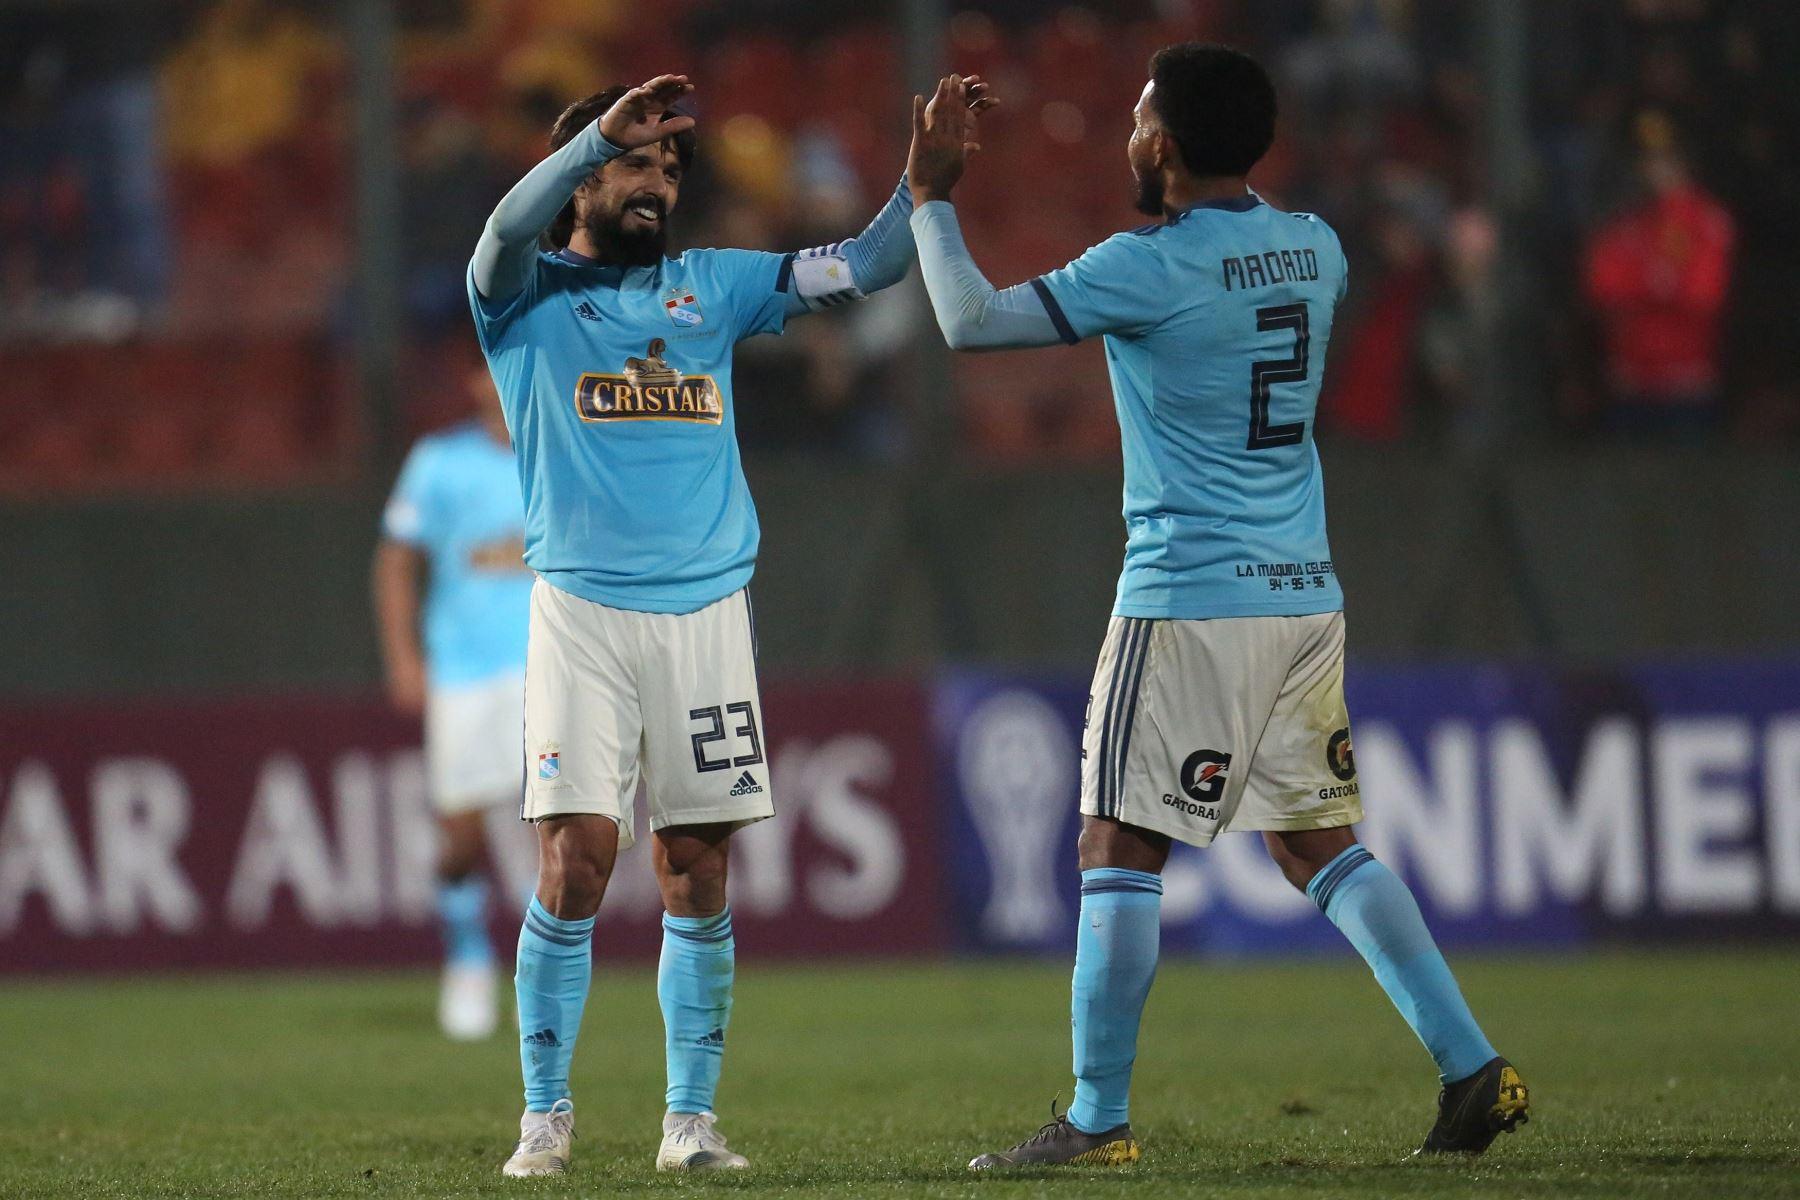 Jugadores de Sporting Cristal festejan tras vencer a Unión Española durante un partido de fútbol de la Copa Sudamericana 2019. Foto:EFE